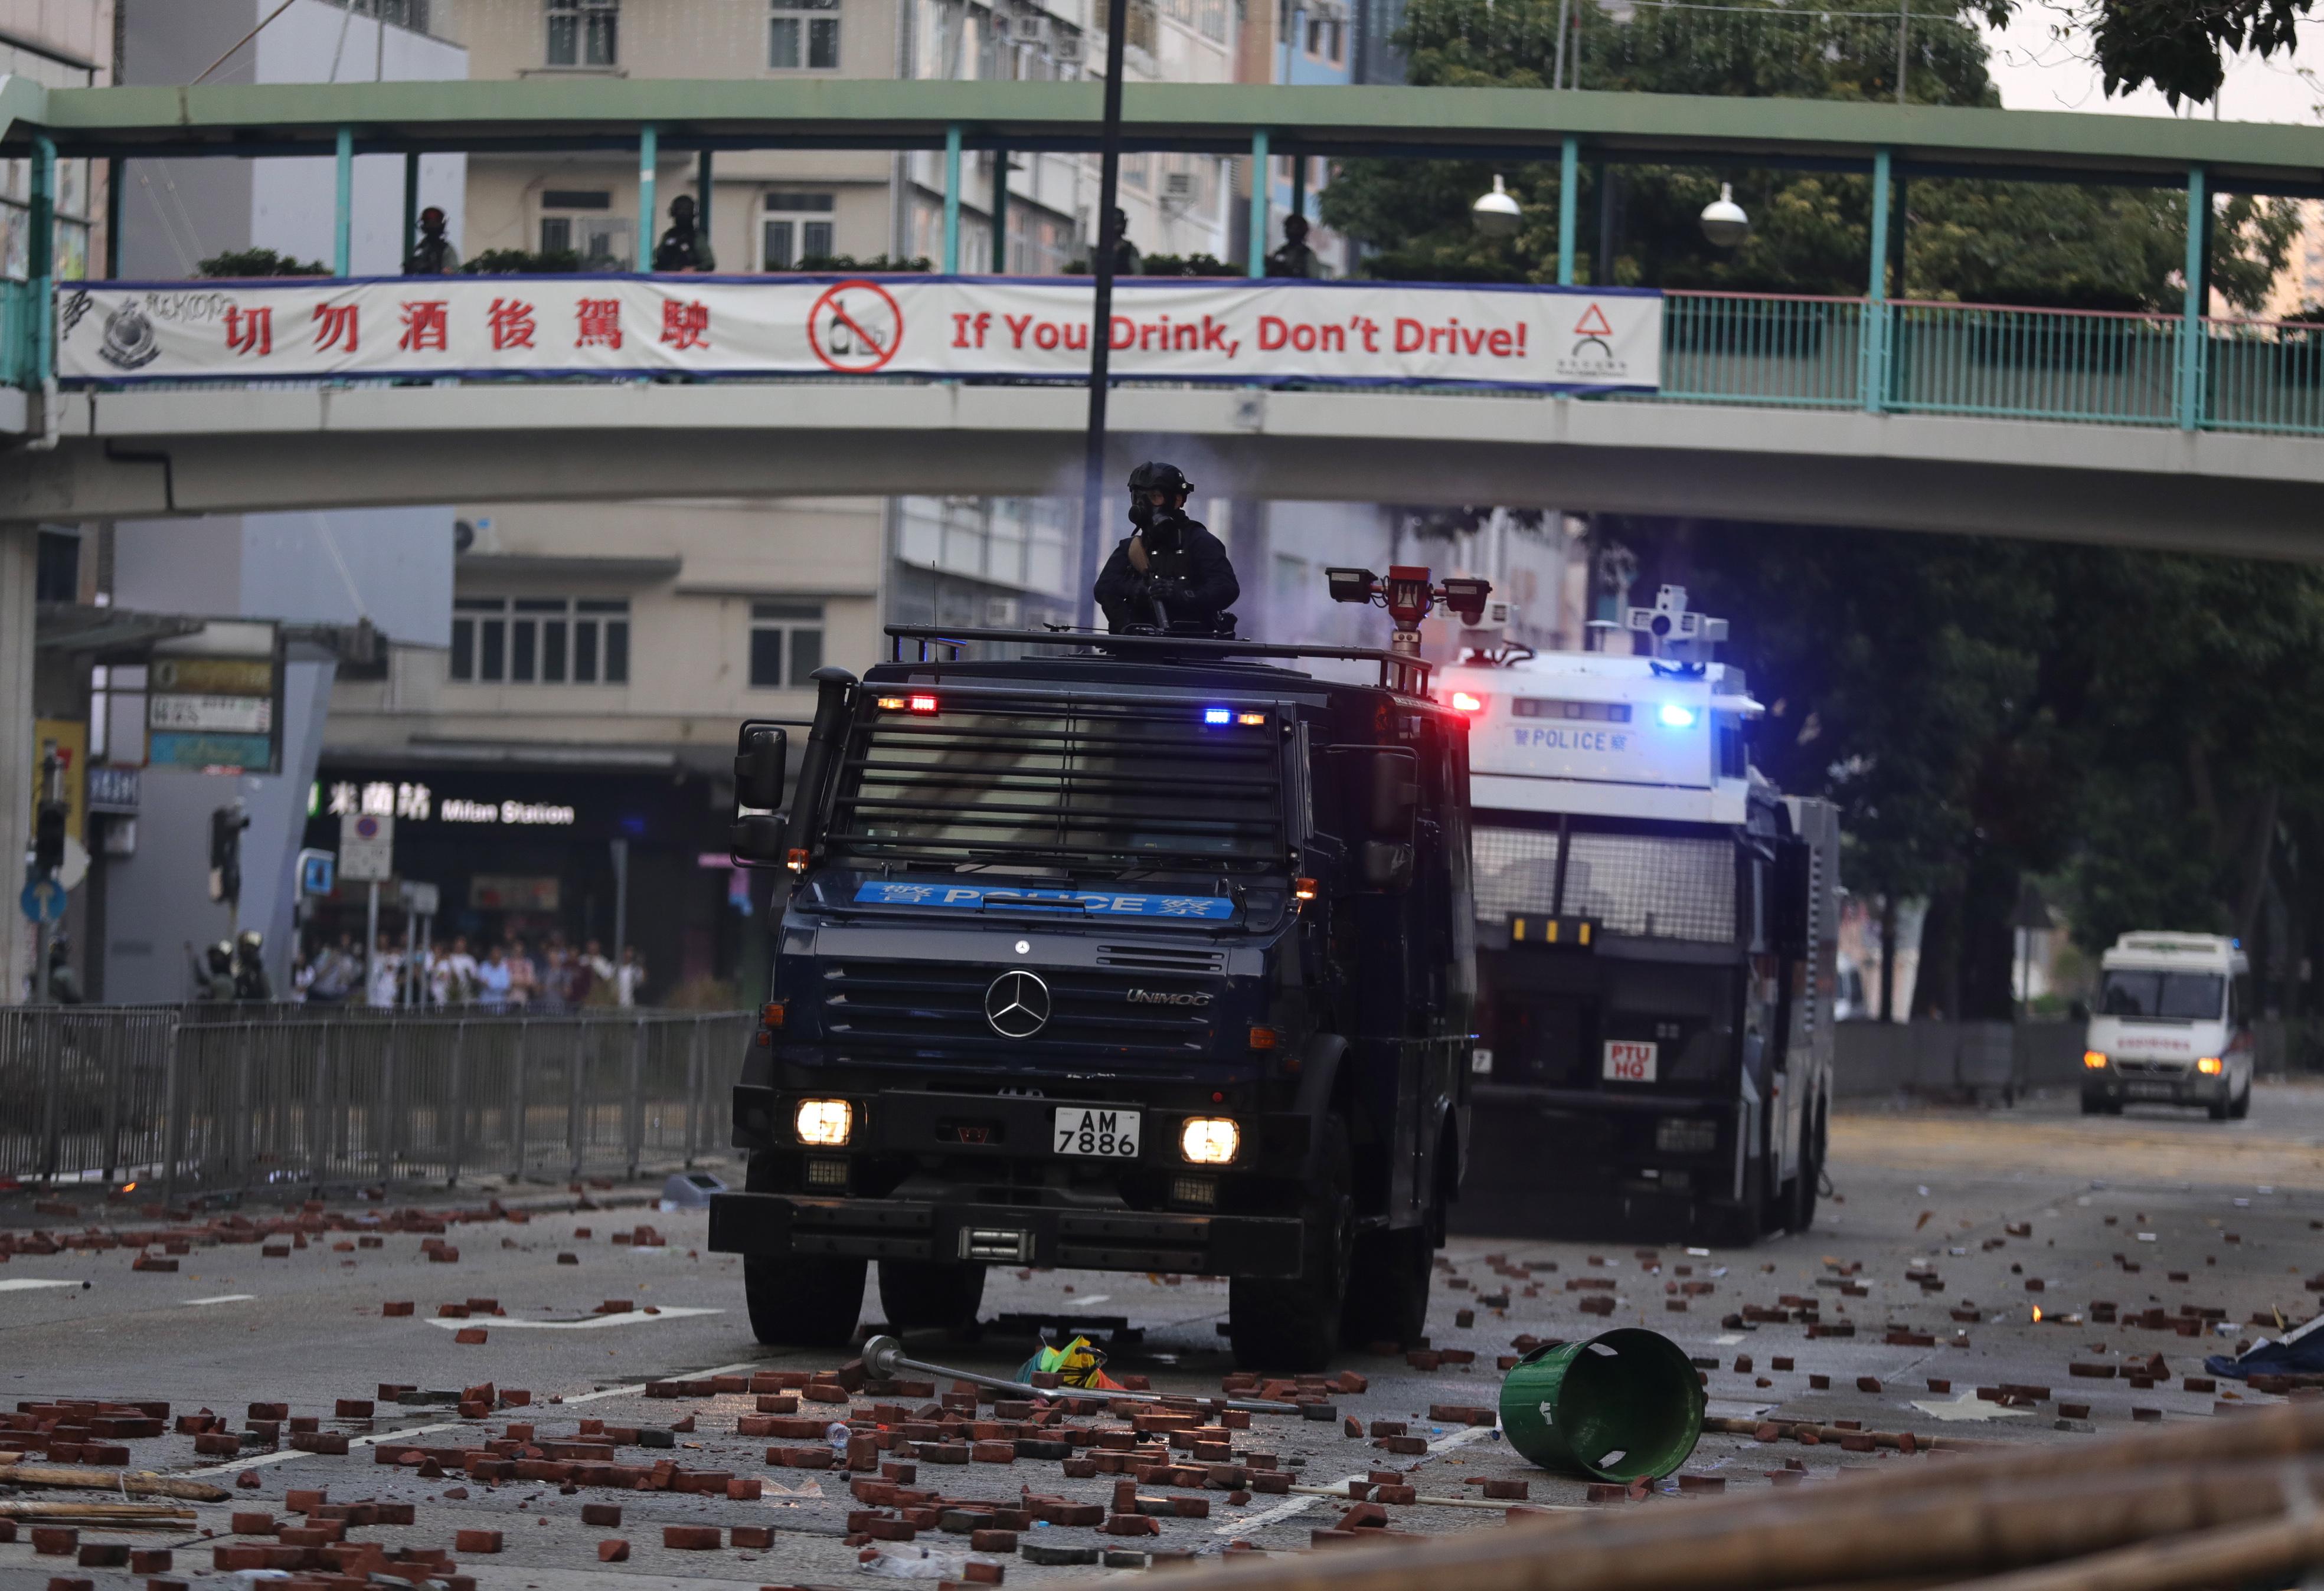 izlazak s hong kongom geek internetska stranica za upoznavanje